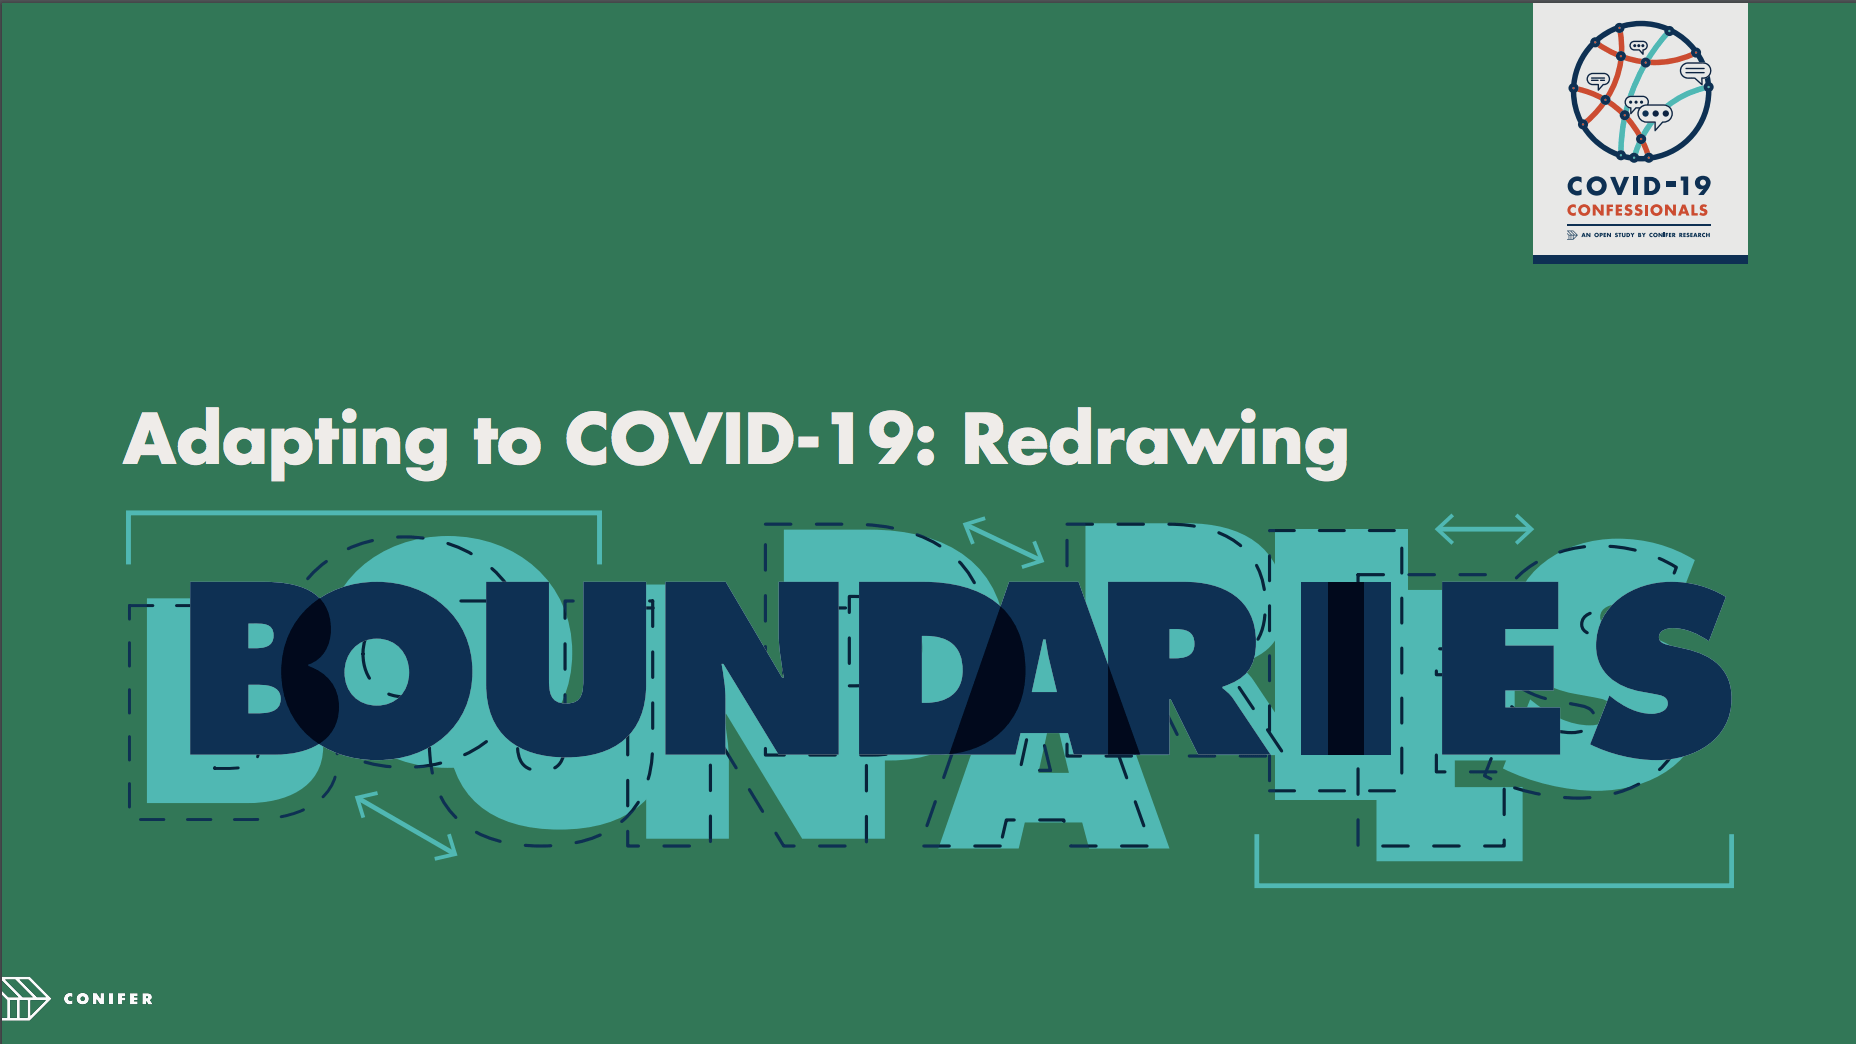 redrawing boundaries cover